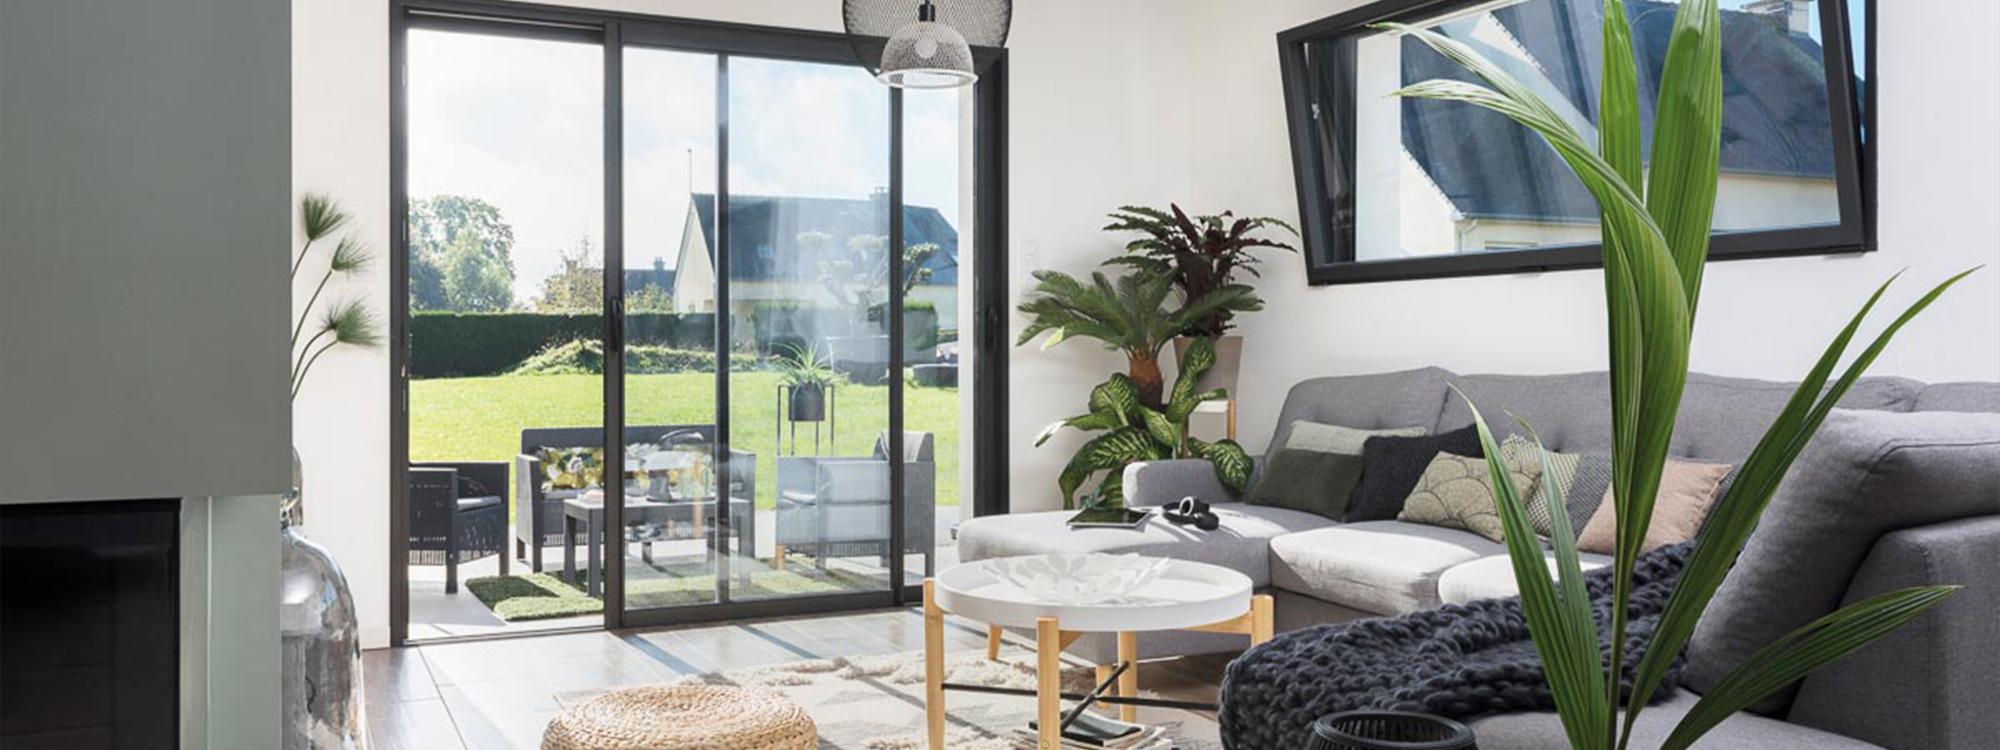 motorisation avec fen tres du doubs quingey pr s de besan on 25 franche comt. Black Bedroom Furniture Sets. Home Design Ideas